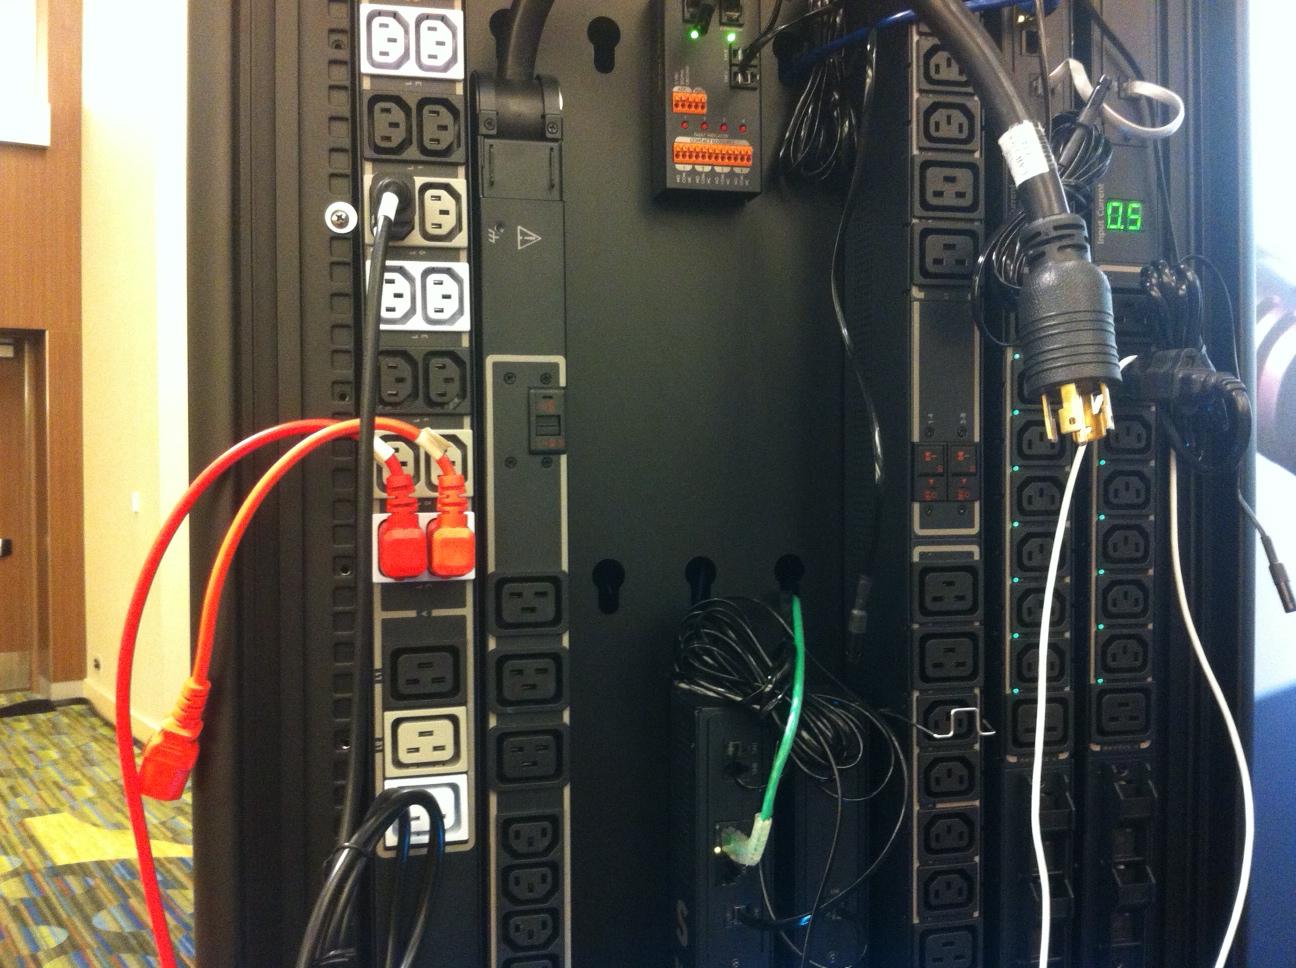 Server Technology rack power